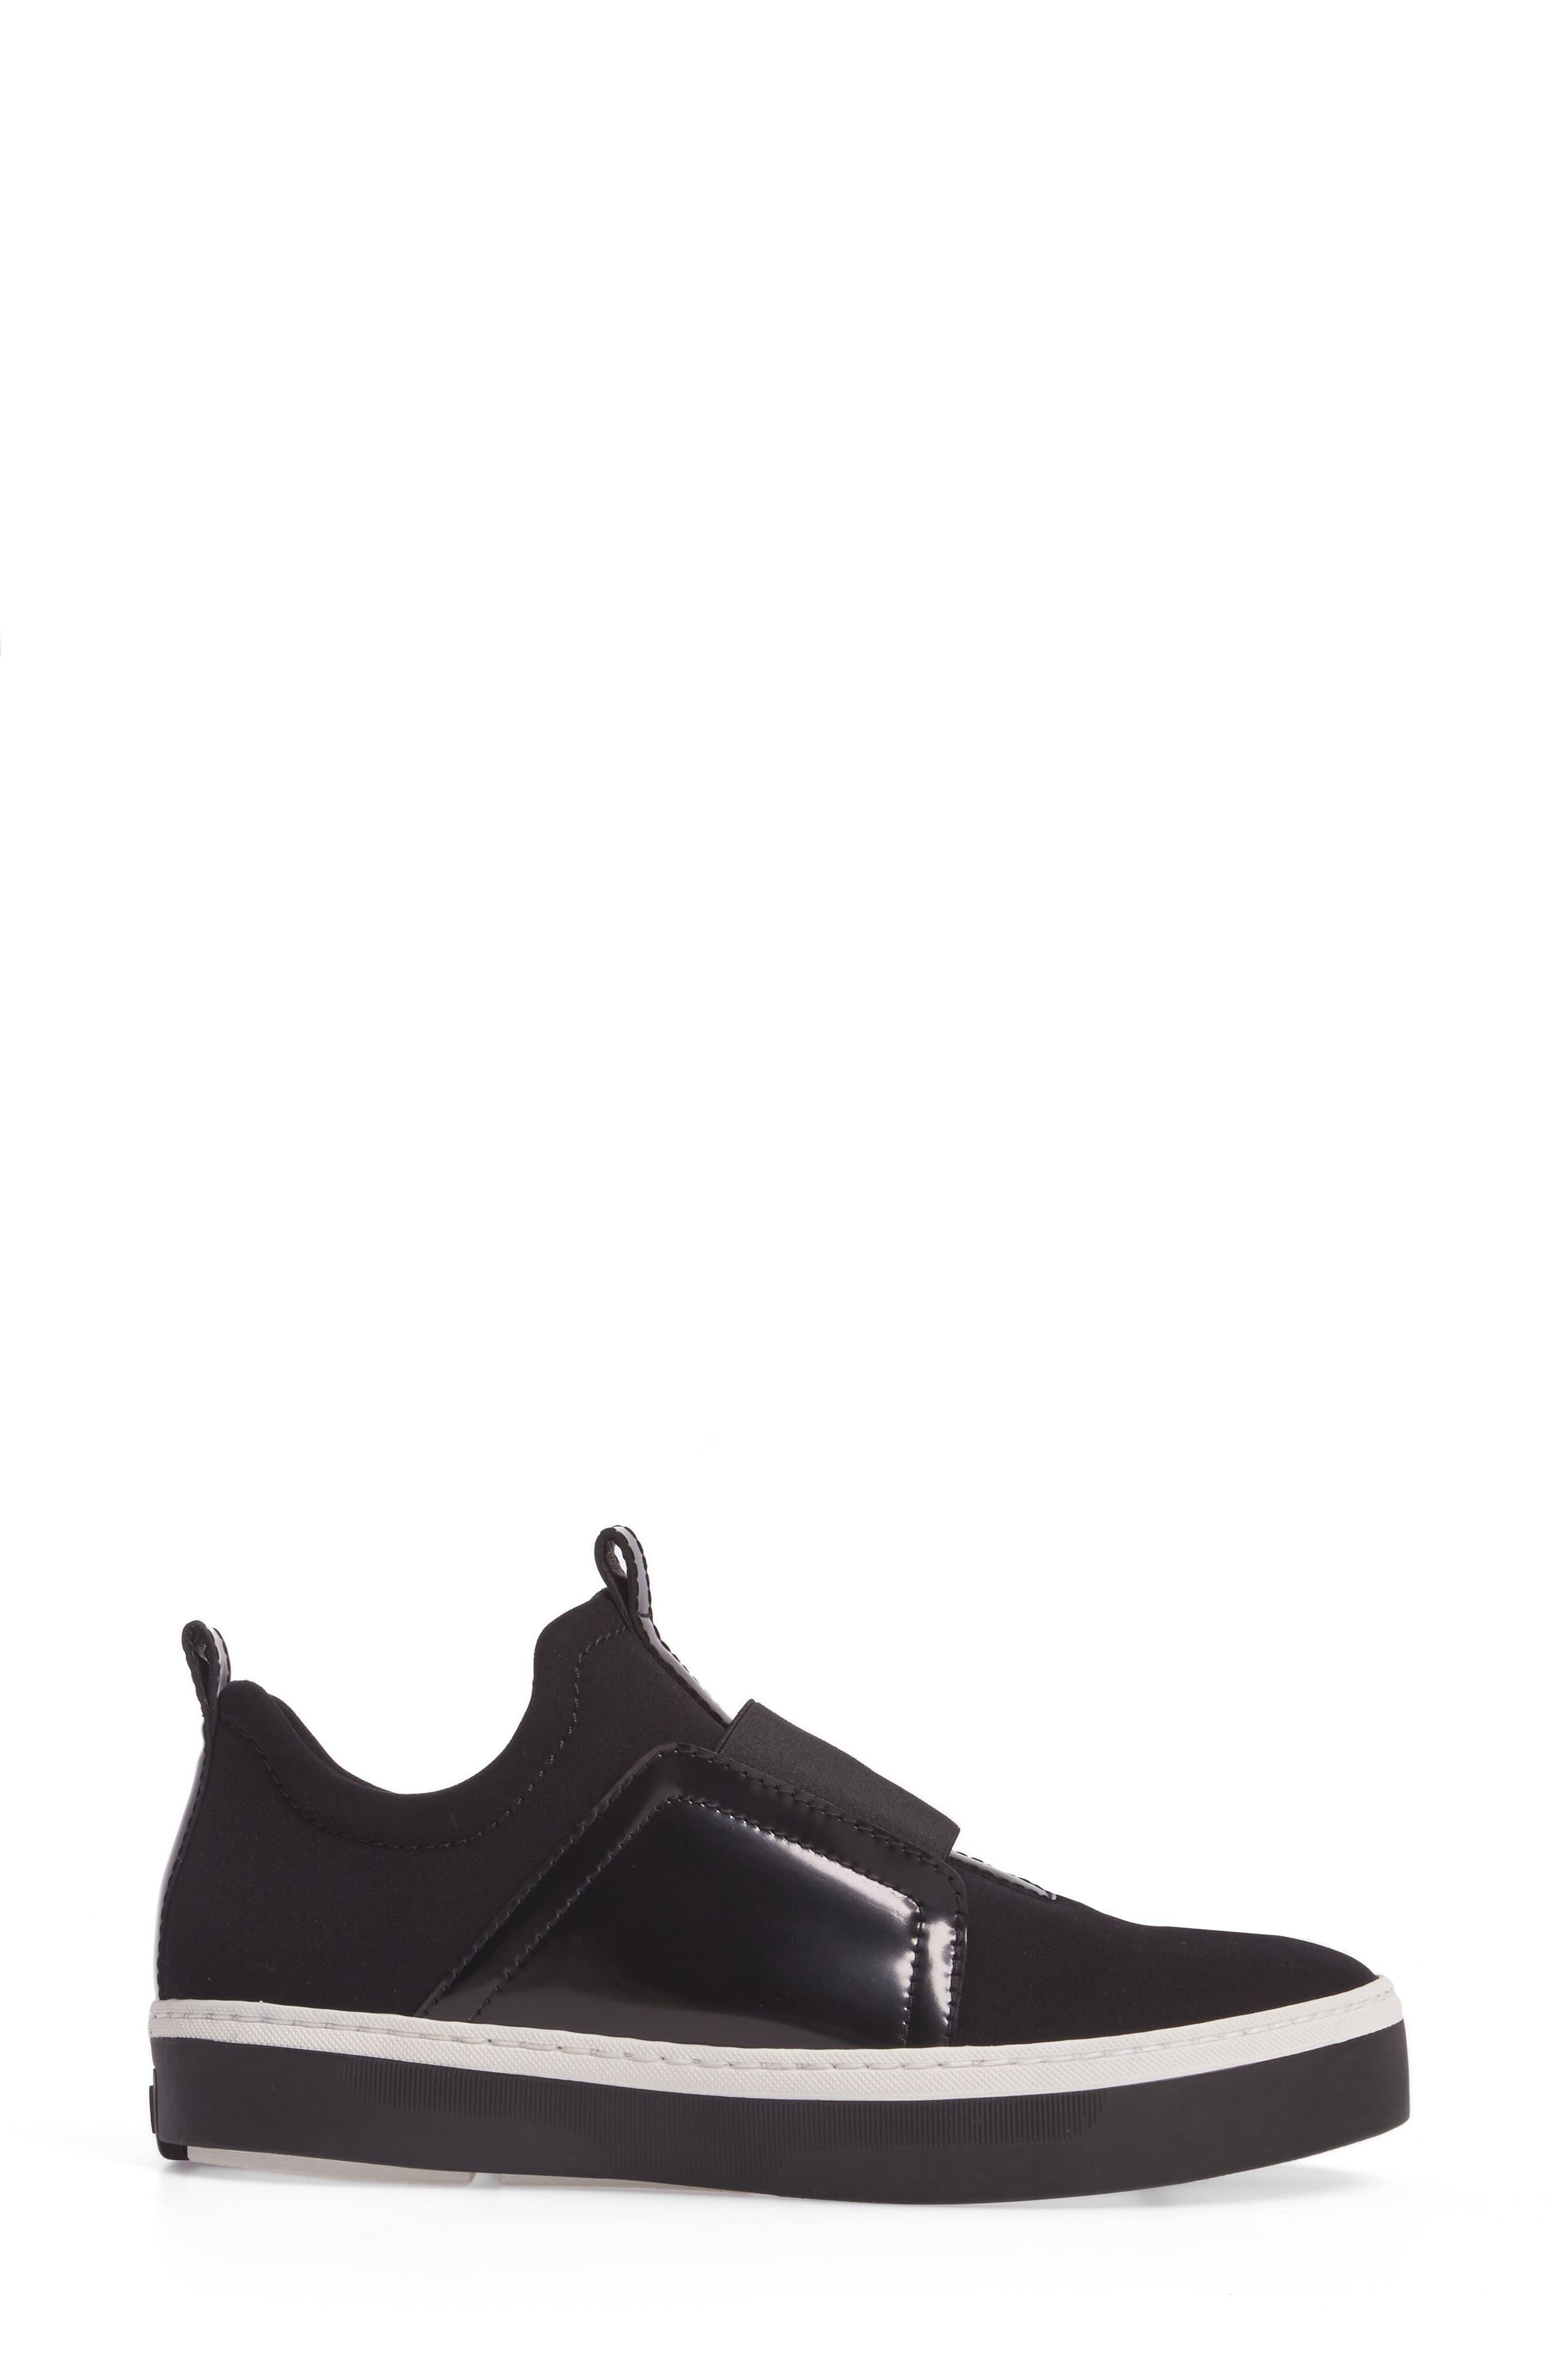 Wayfare Slip-On Sneaker,                             Alternate thumbnail 3, color,